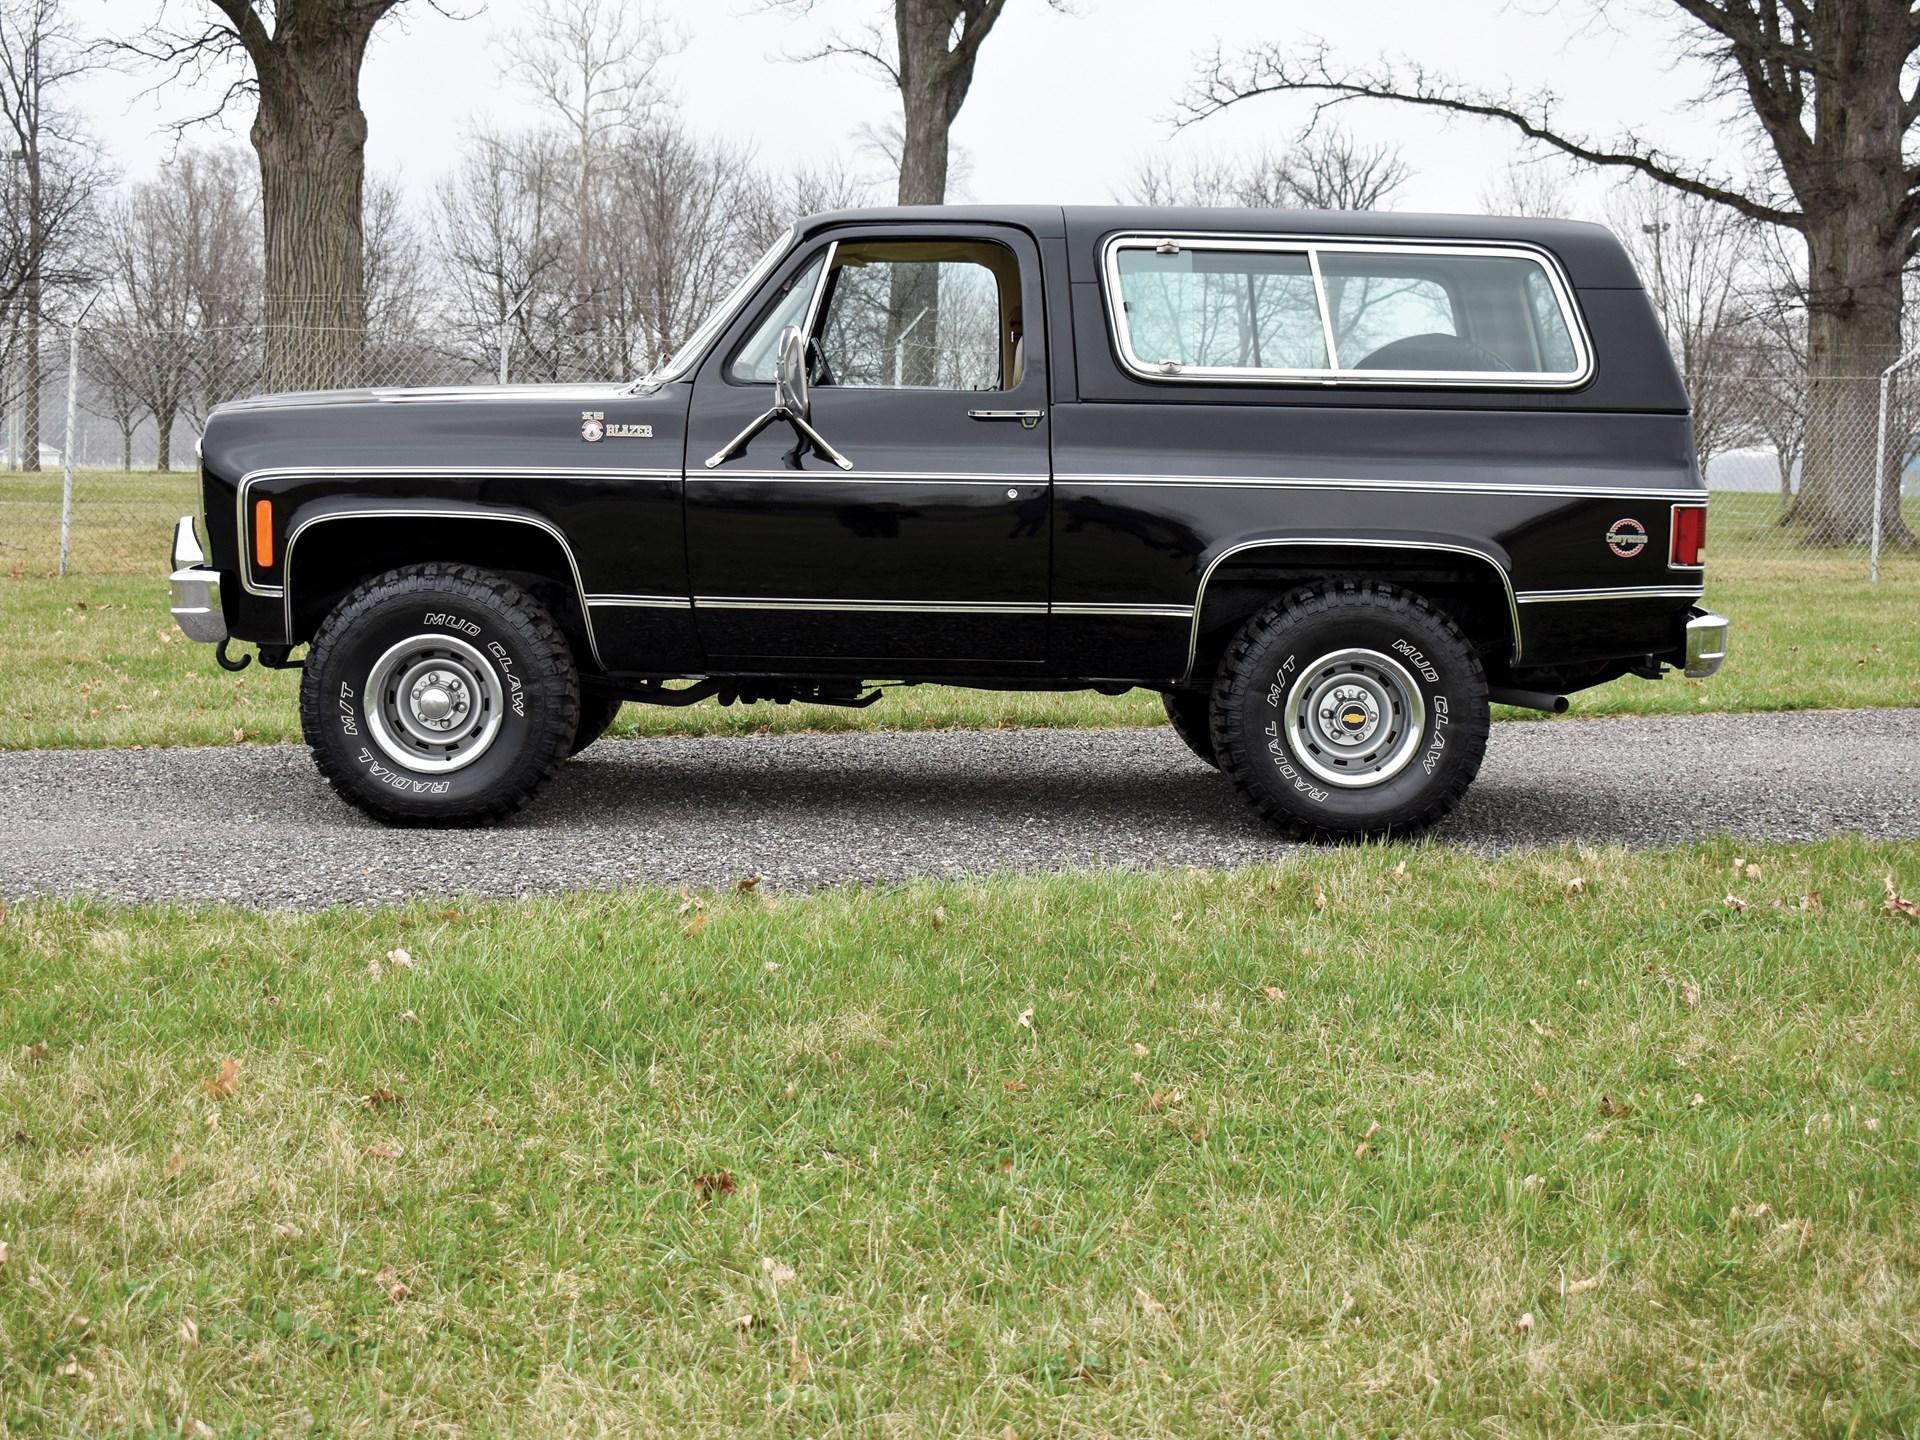 RM Sotheby's - 1979 Chevrolet K5 Blazer Cheyenne | Auburn Spring 2018